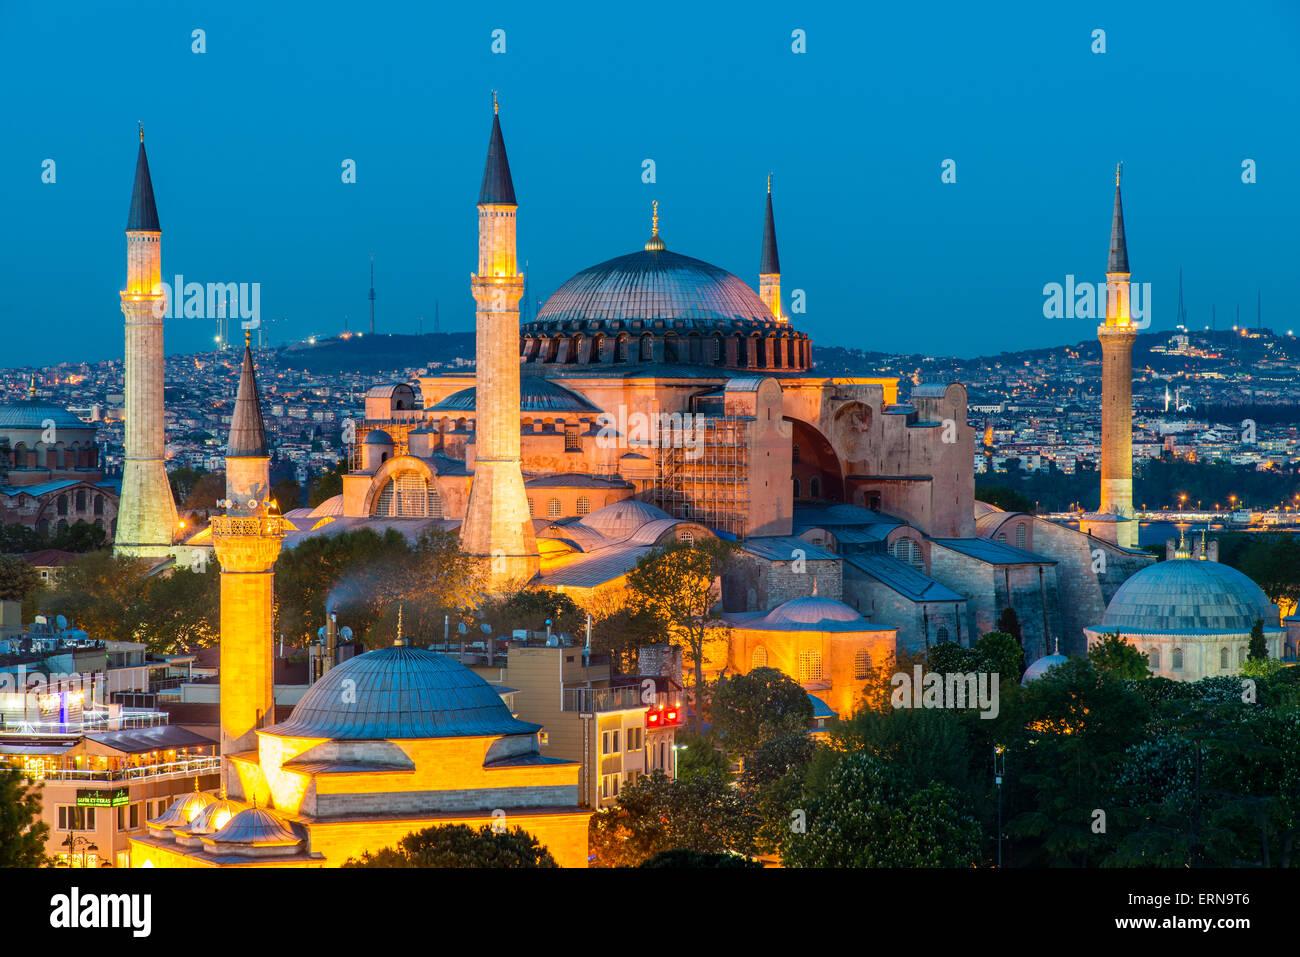 Notte Vista dall'alto su Hagia Sophia, Sultanahmet, Istanbul, Turchia Immagini Stock